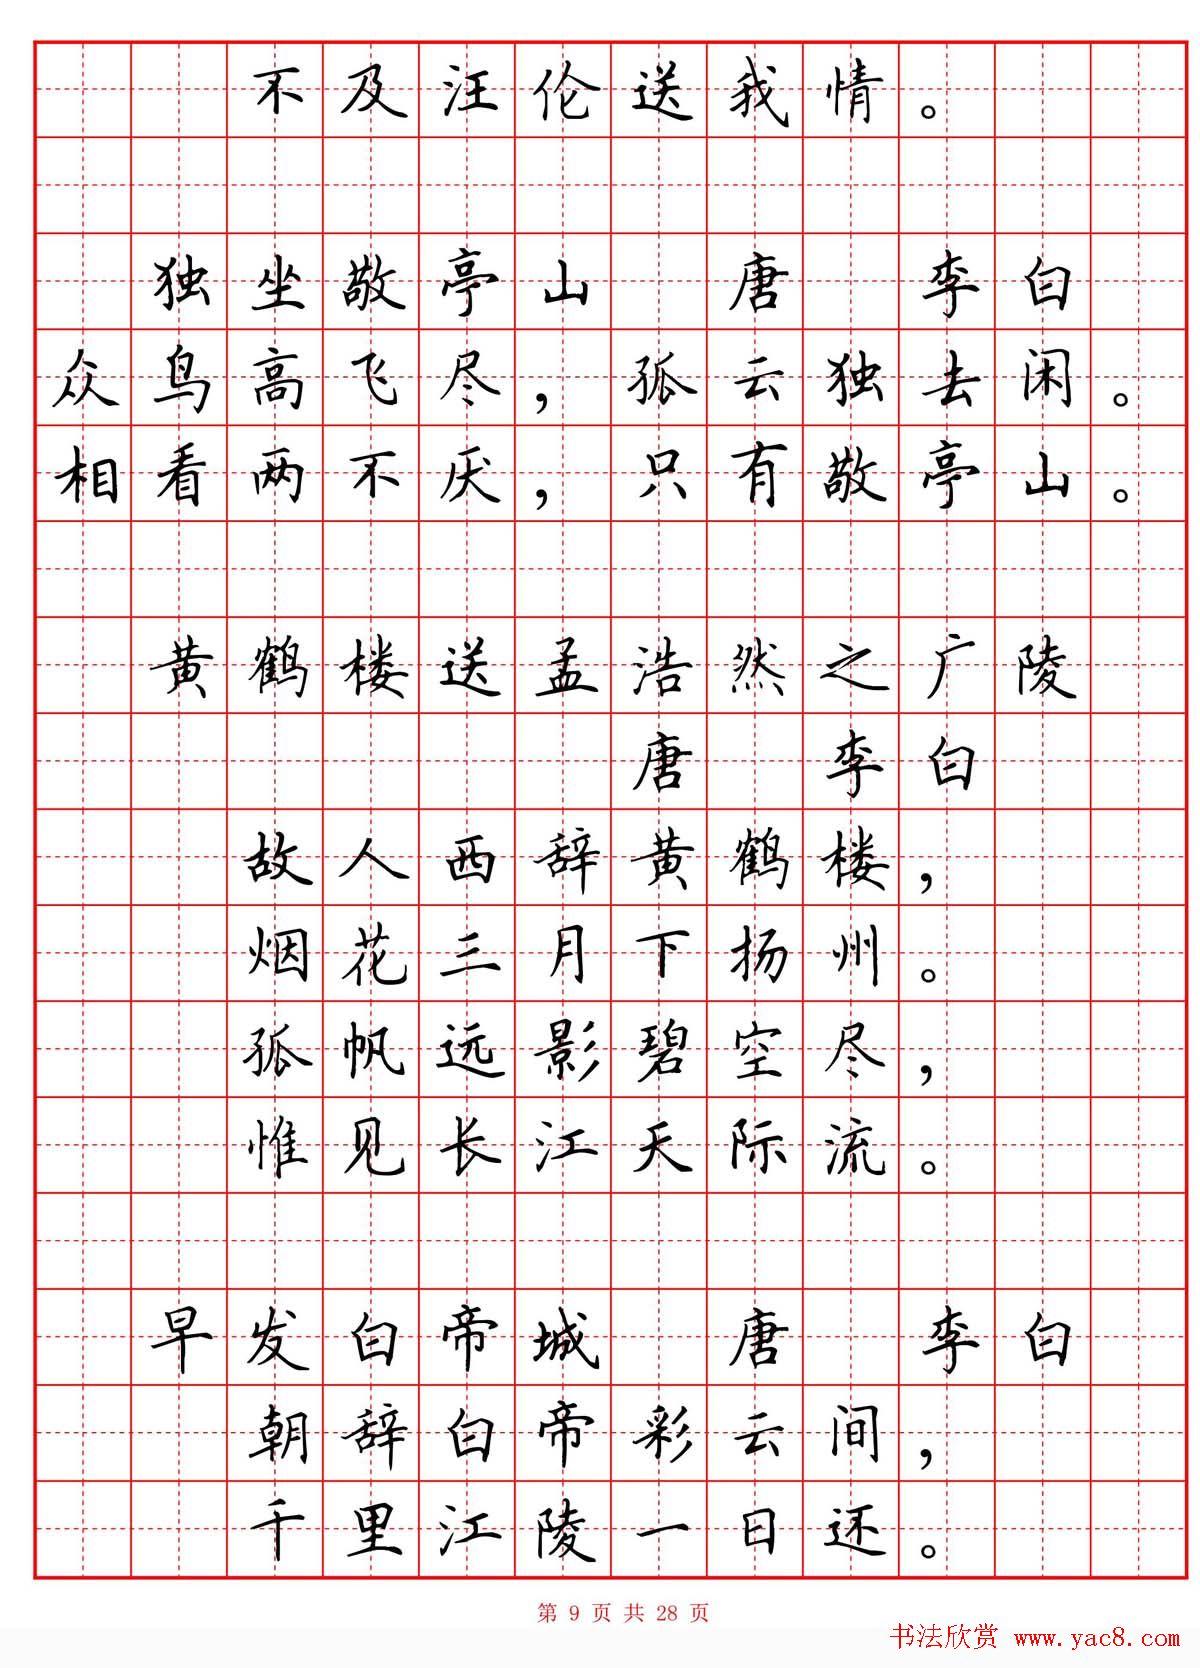 硬笔书法字帖 小学生必背古诗词八十首 第9页 钢笔字帖 书法欣赏